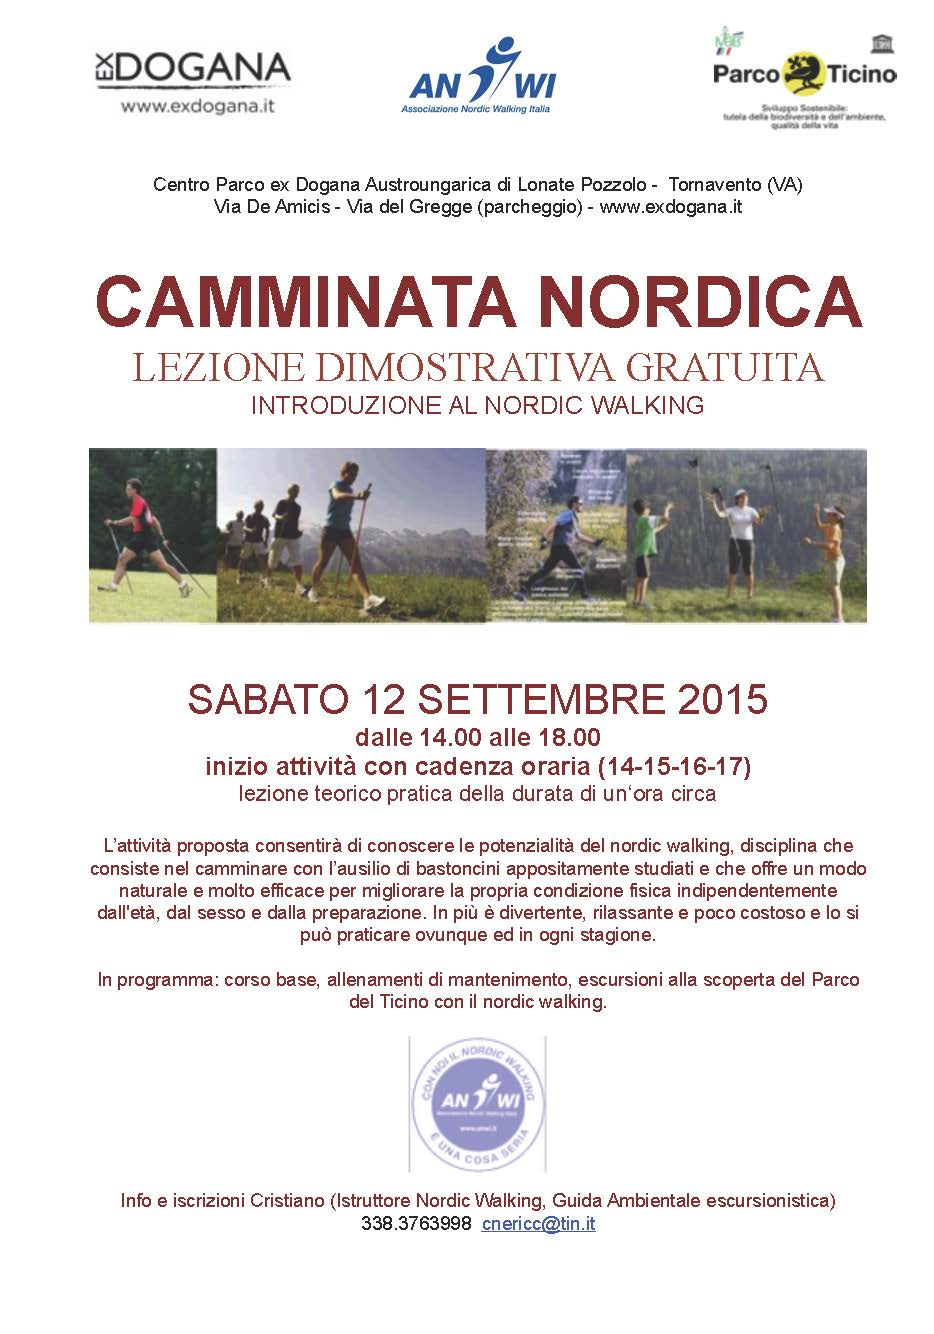 Camminata_nordica_lezione_dimostrativa